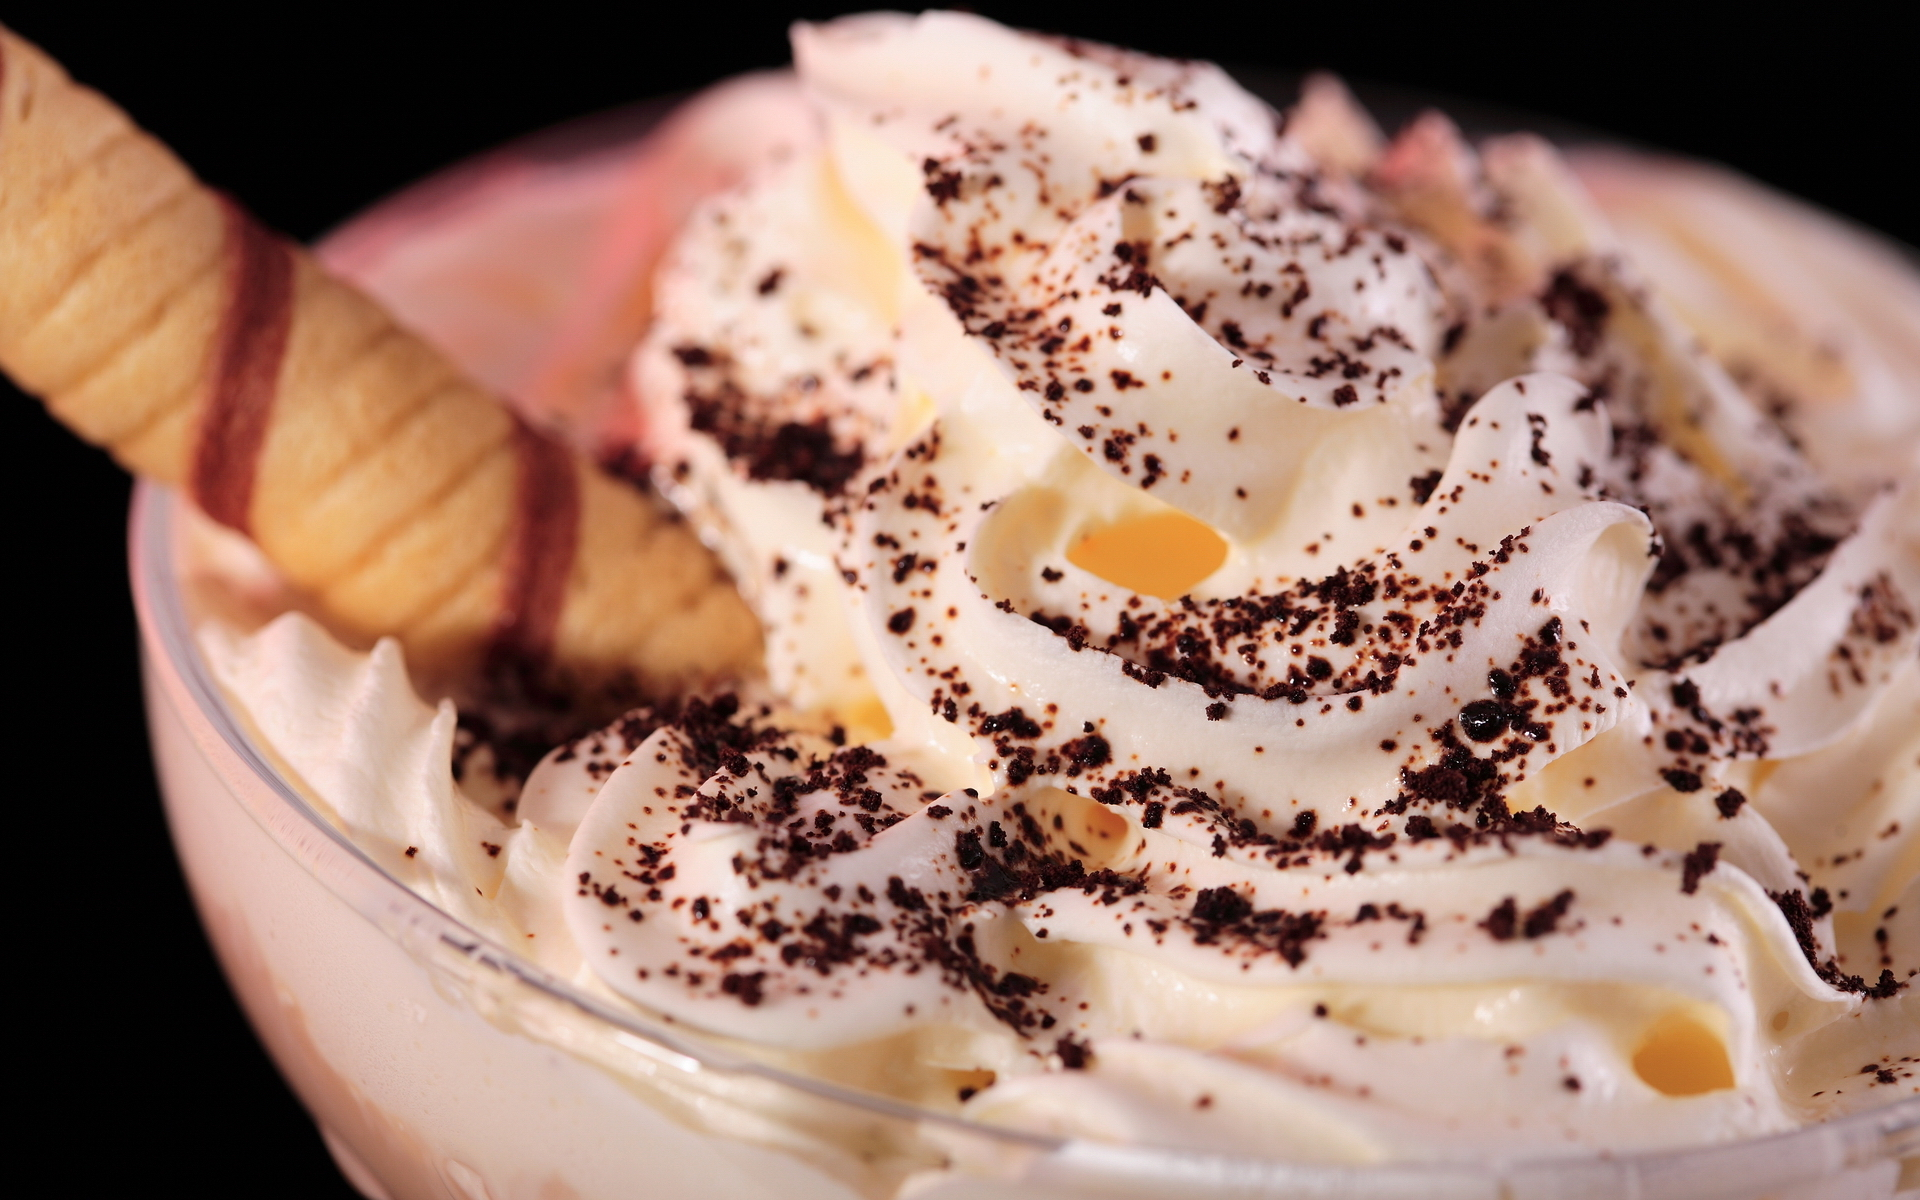 кремово-шоколадное мороженое  № 2279283 без смс